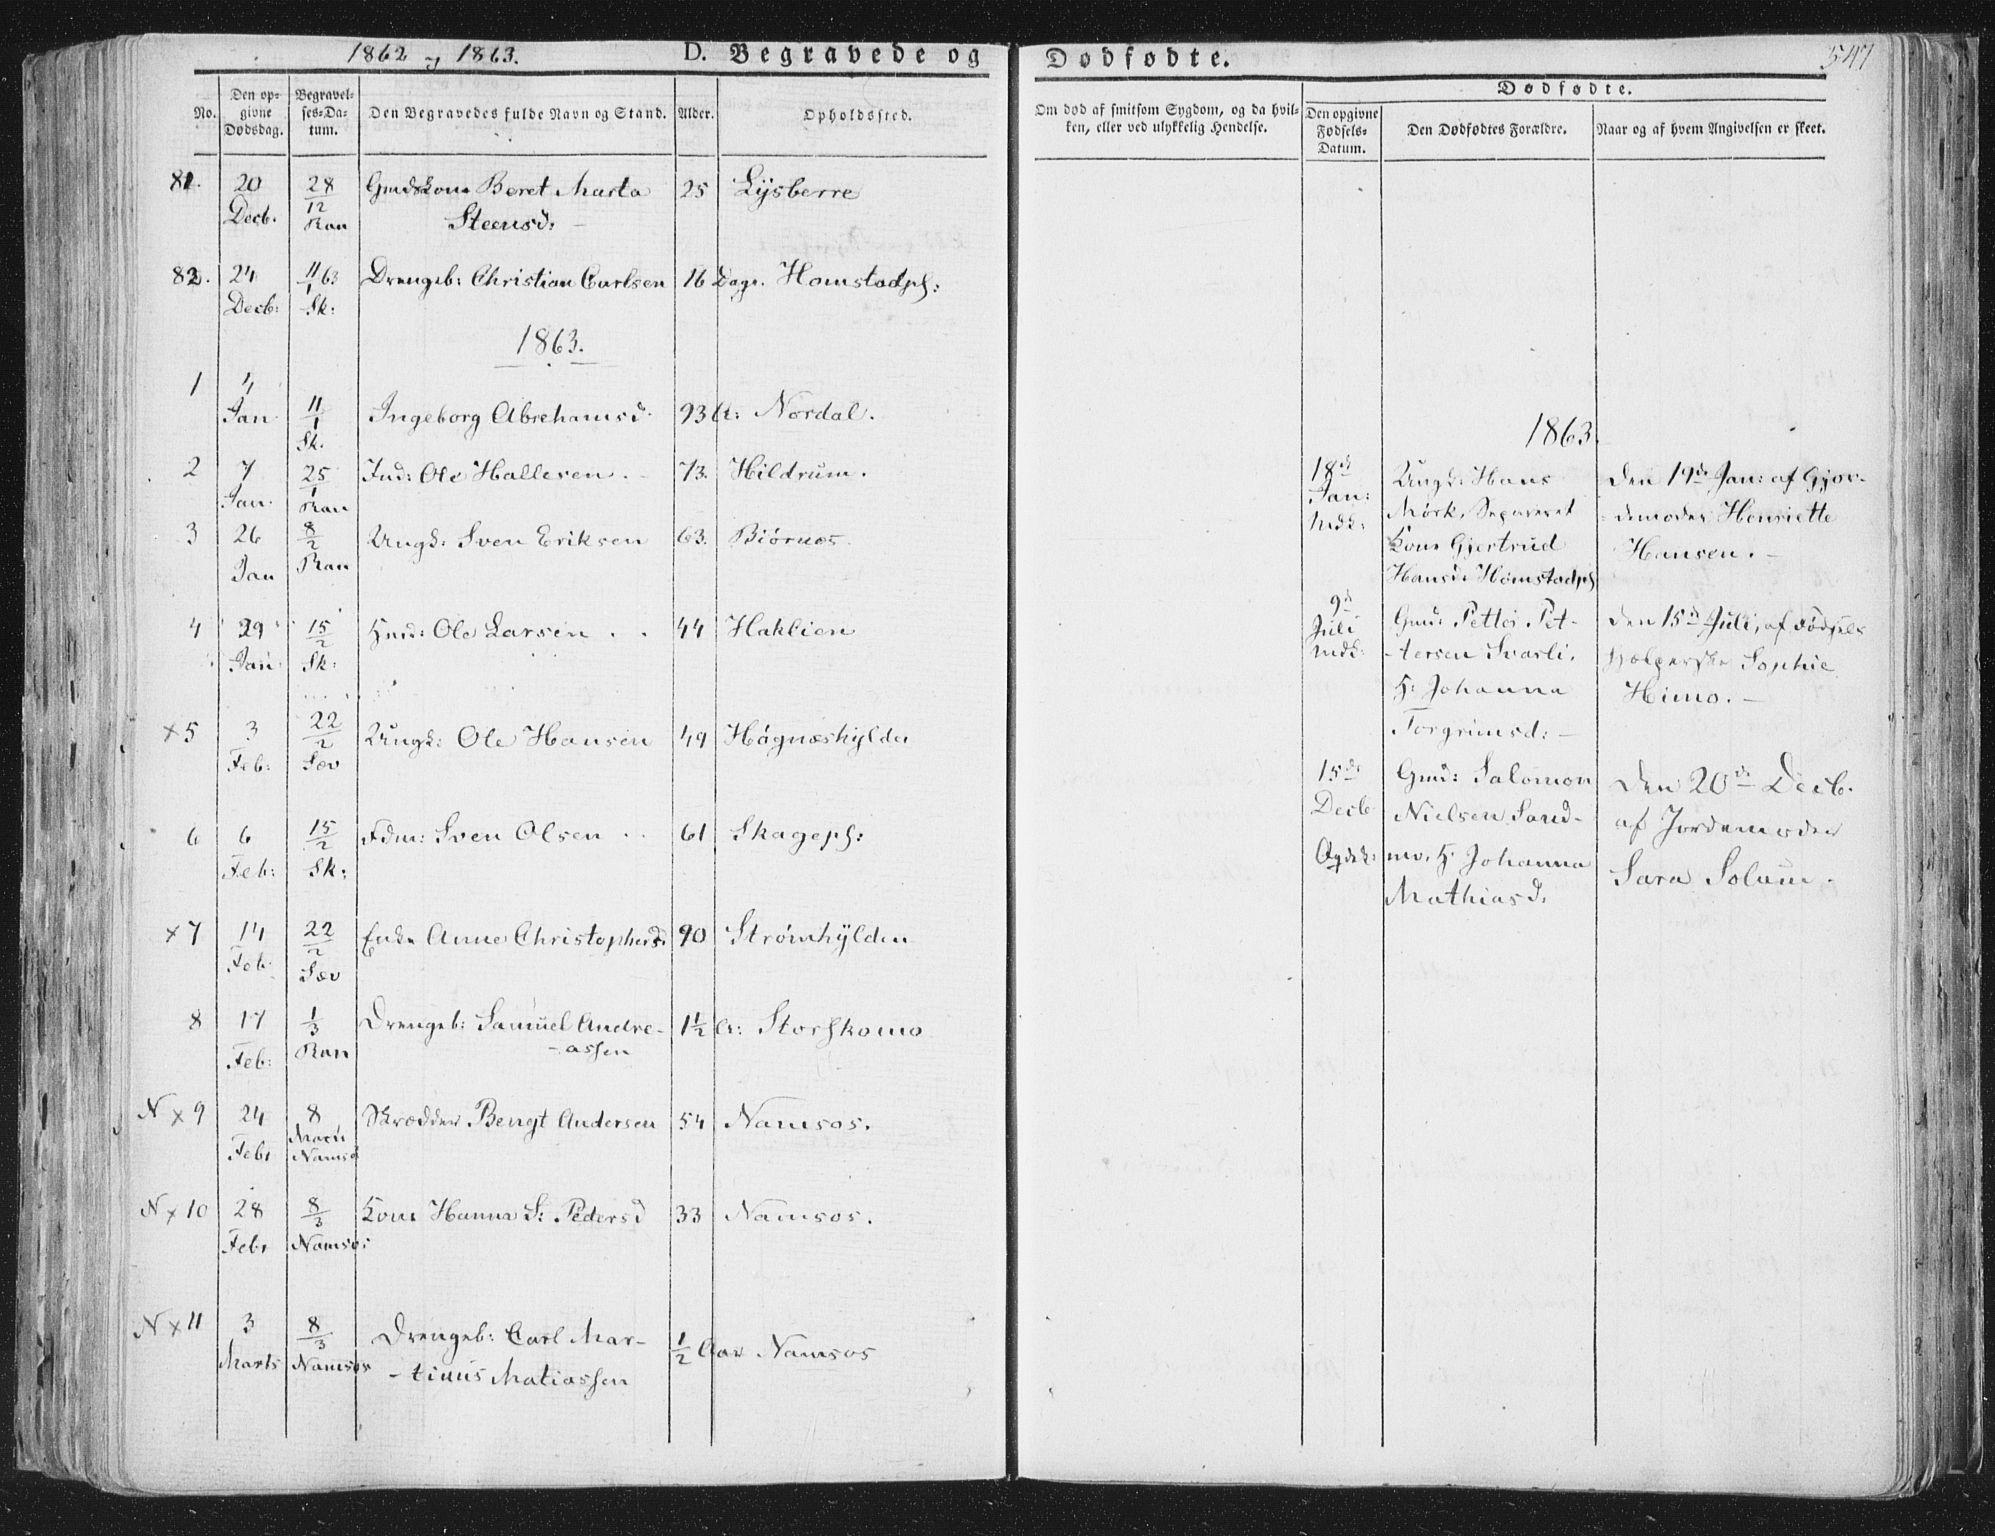 SAT, Ministerialprotokoller, klokkerbøker og fødselsregistre - Nord-Trøndelag, 764/L0552: Ministerialbok nr. 764A07b, 1824-1865, s. 547